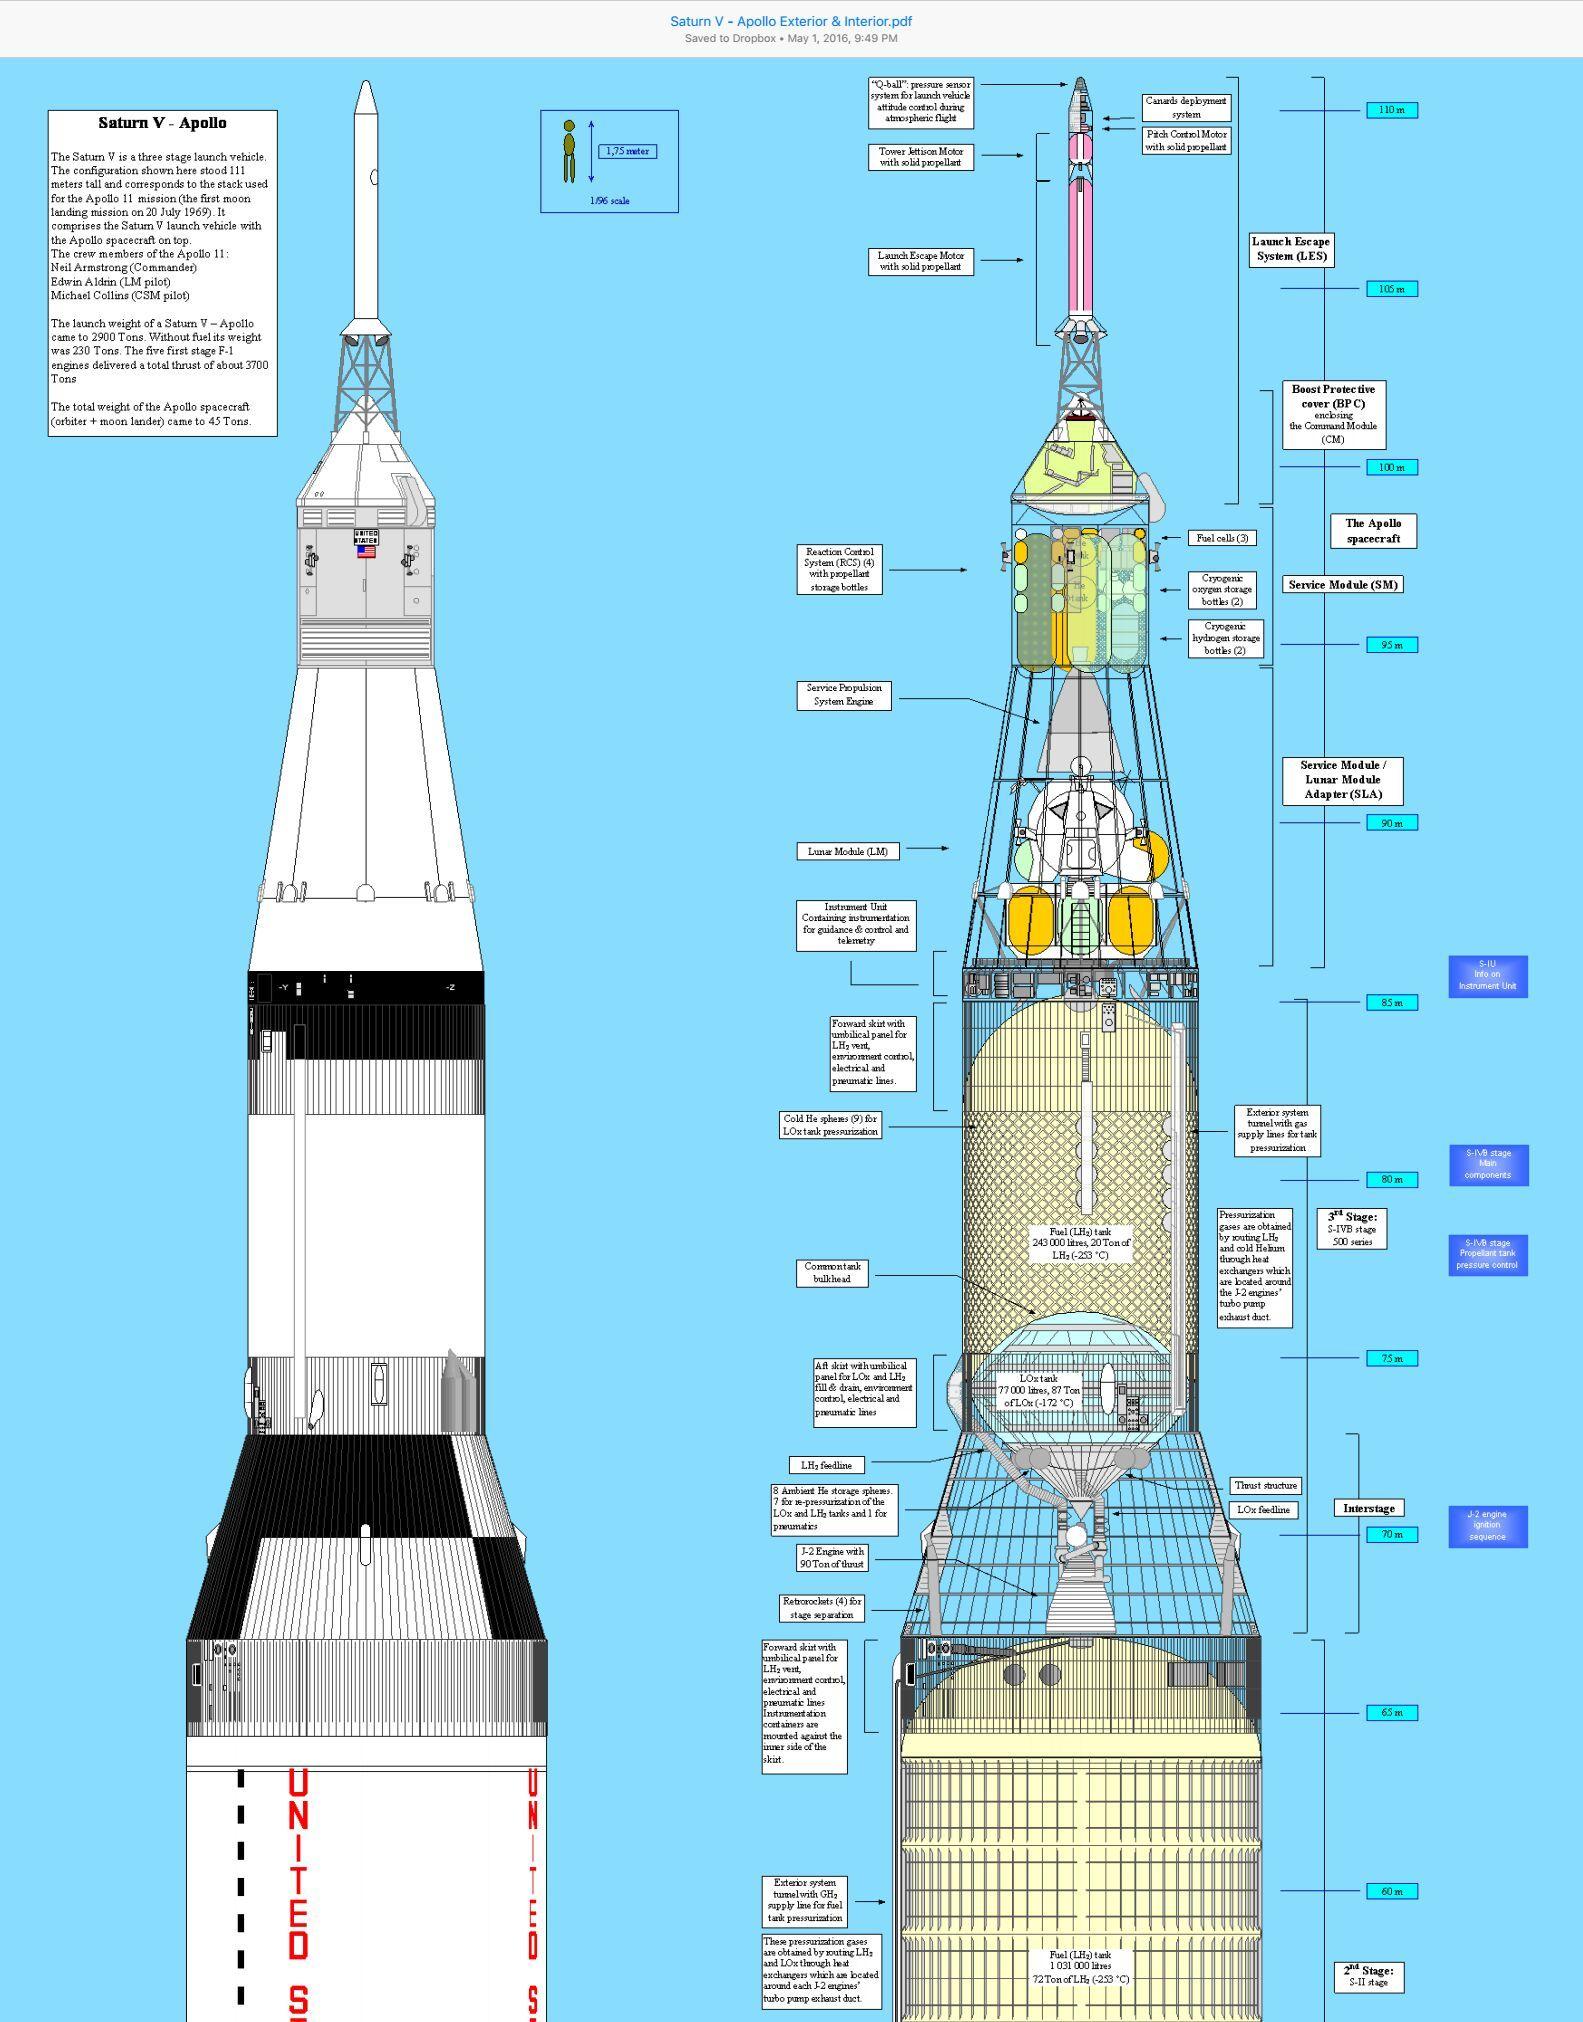 Fd F Ed A A Afdba on Saturn V Rocket Engine Diagram